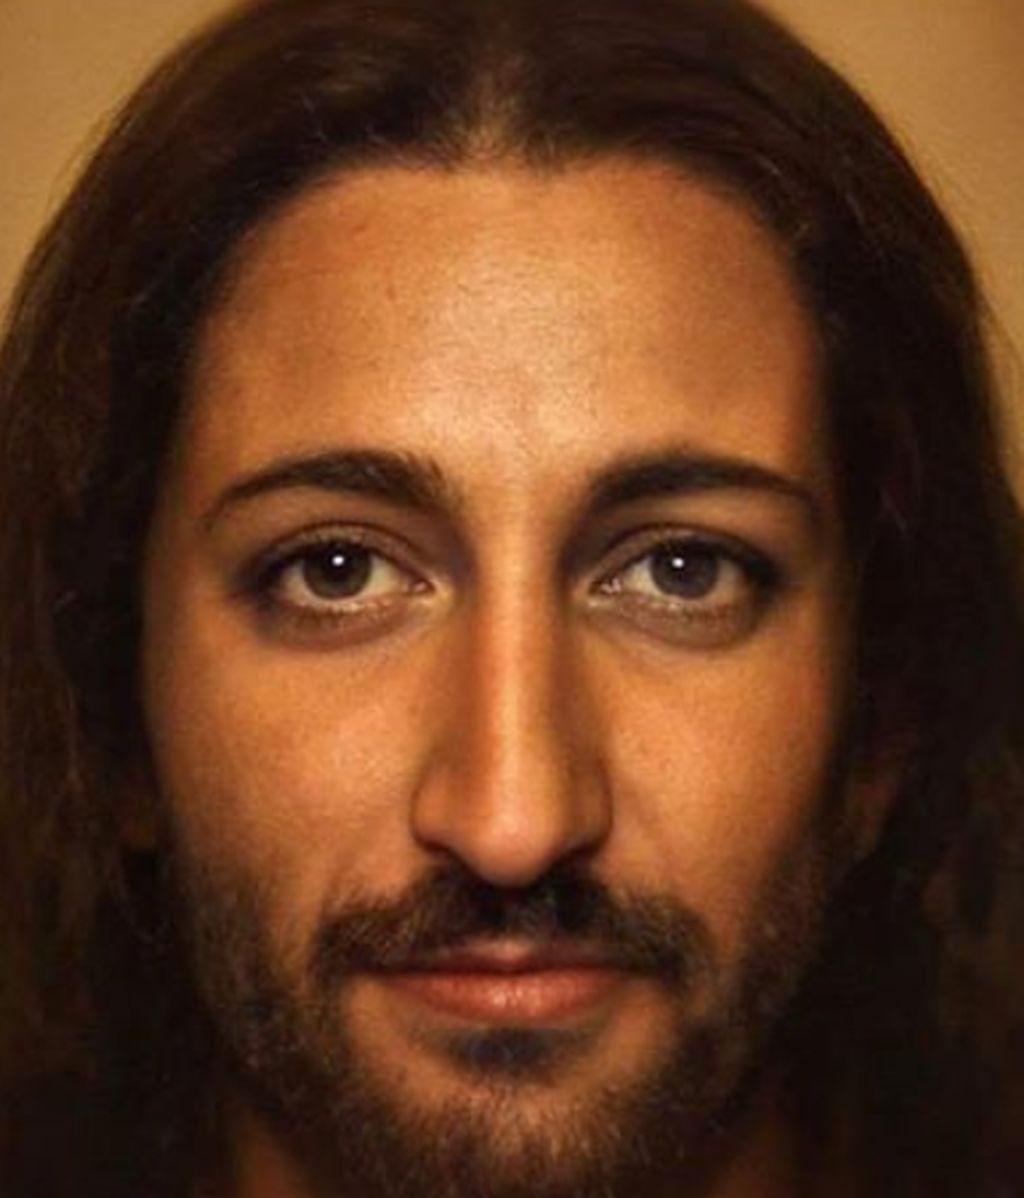 El retrato hiperrealista de Jesucristo que ya genera parecidos razonables en redes